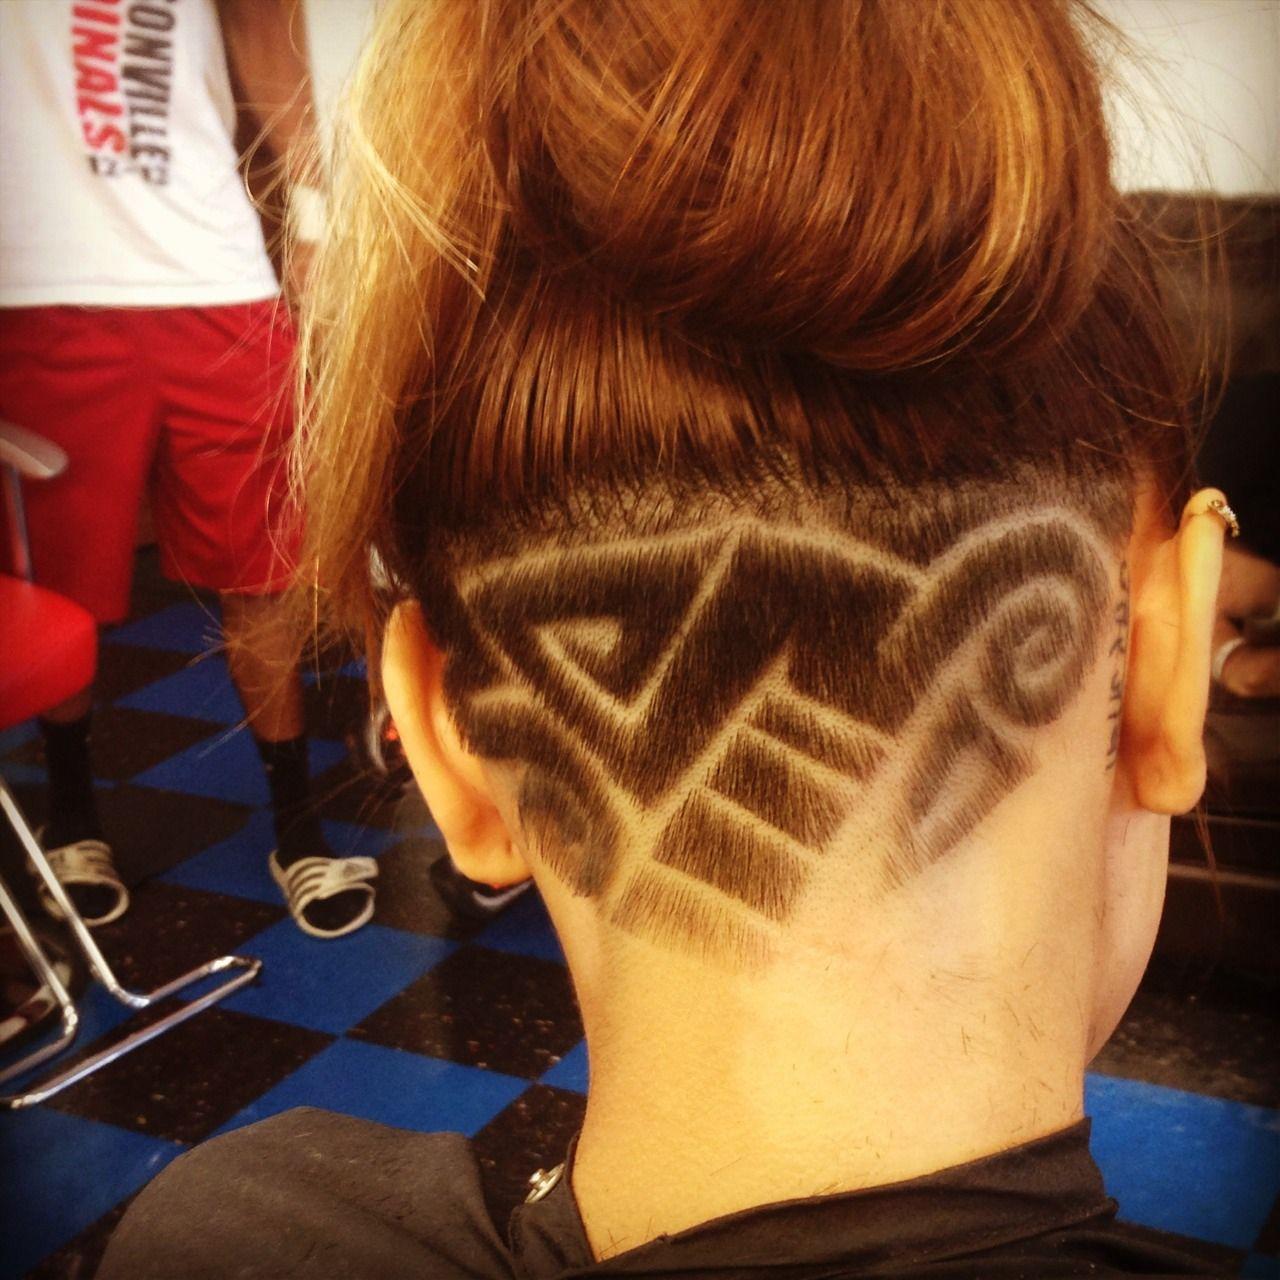 hair cut designs for women - Google Search | Cute Cuts ...